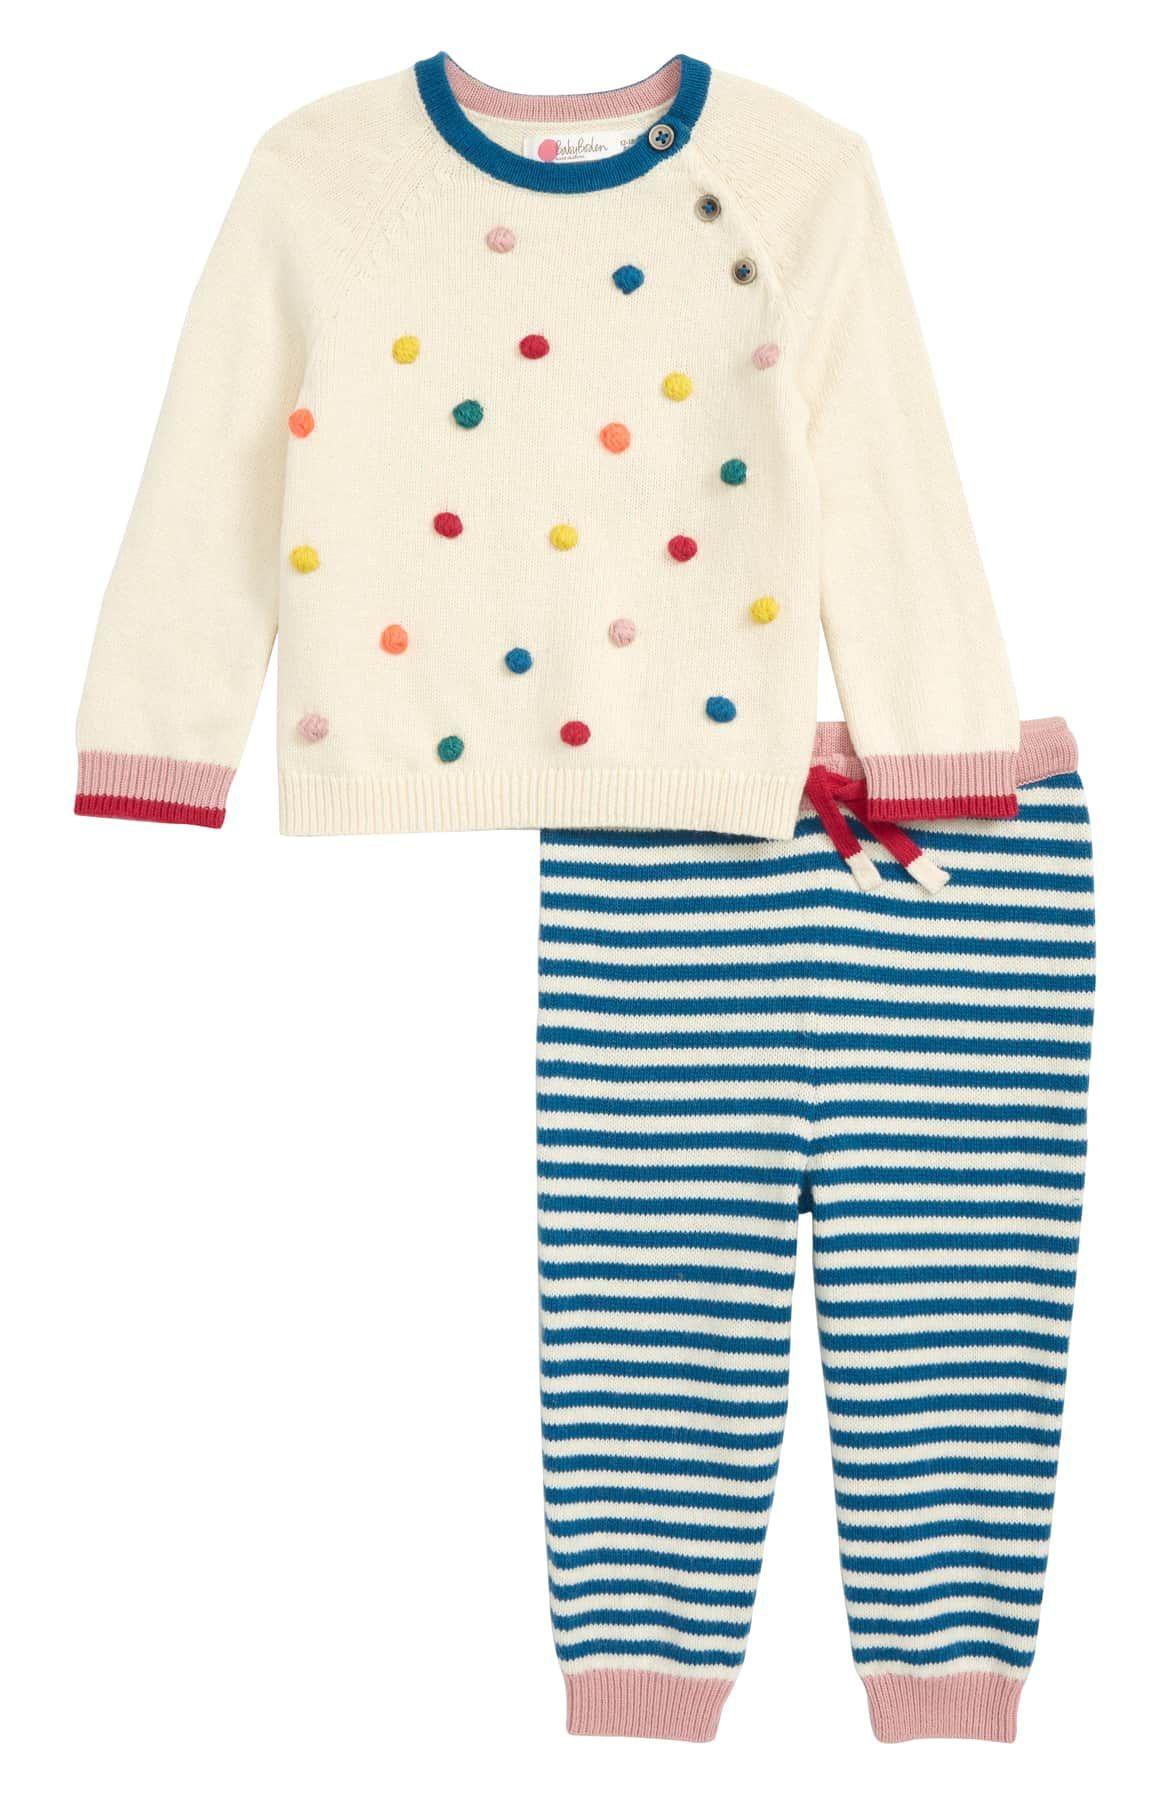 49a34e9c8 Pompom Knit Sweater   Pants Set